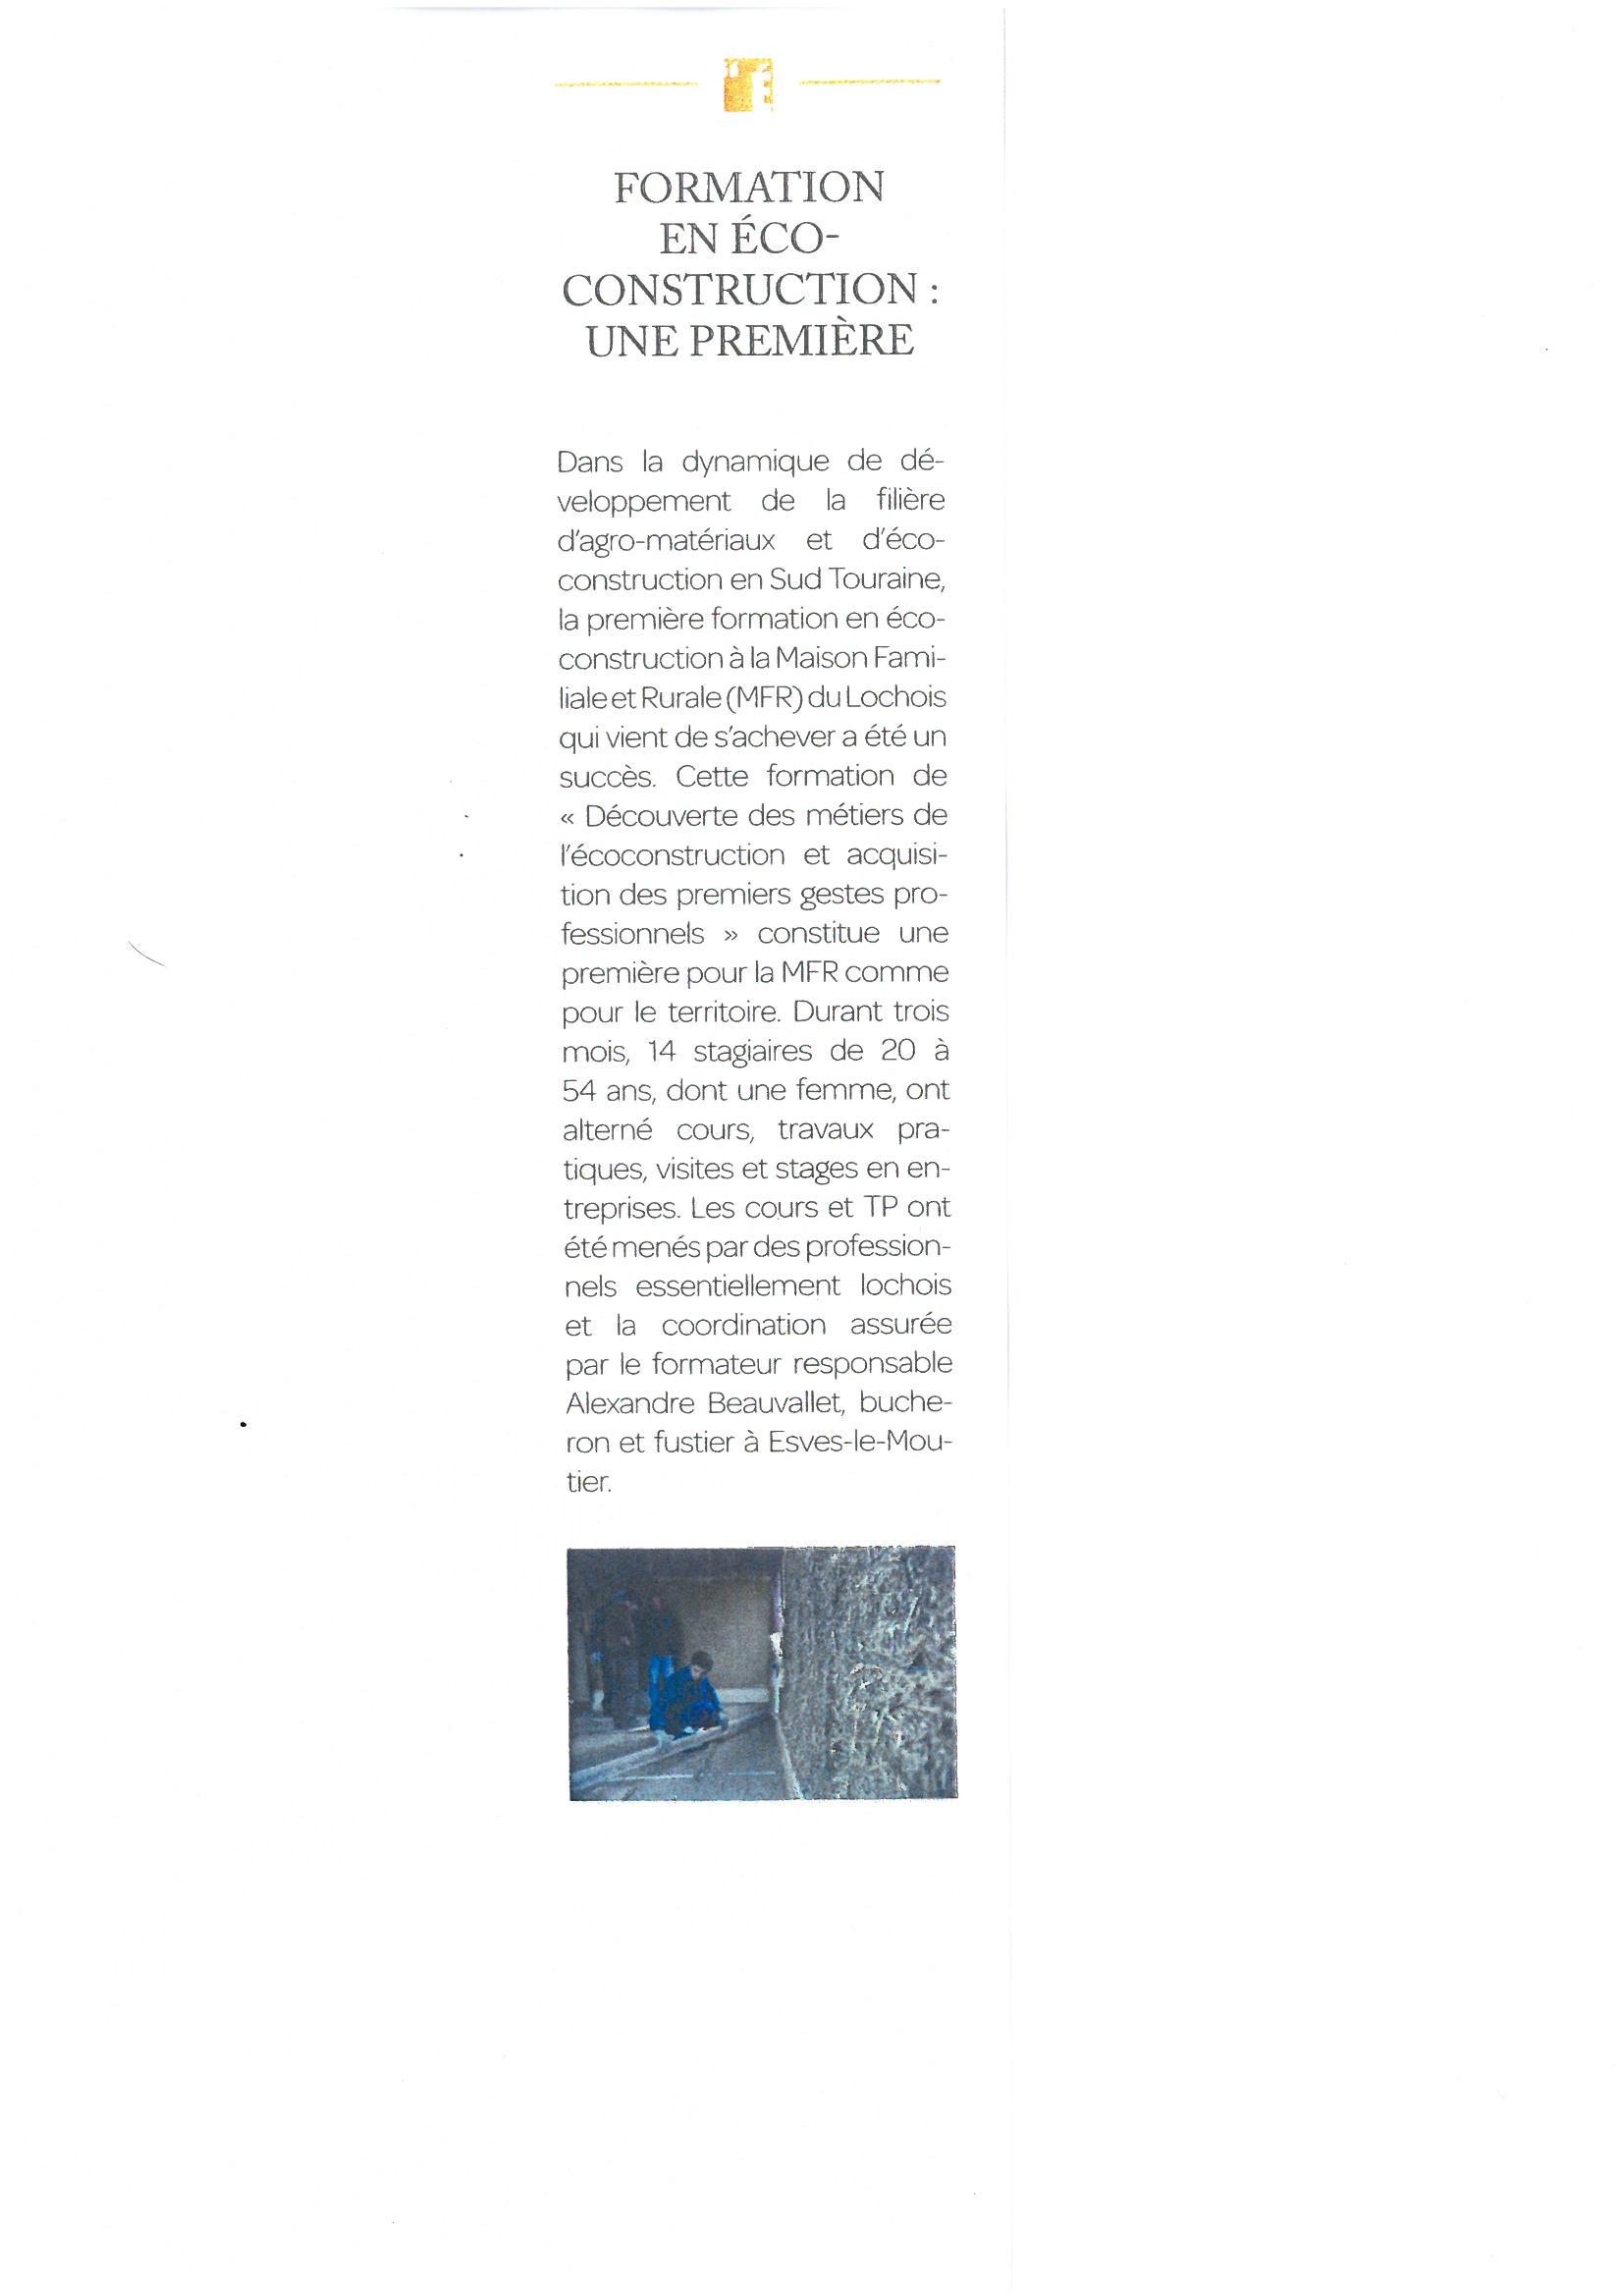 Activit s mfr du lochois for Renaissance lochoise